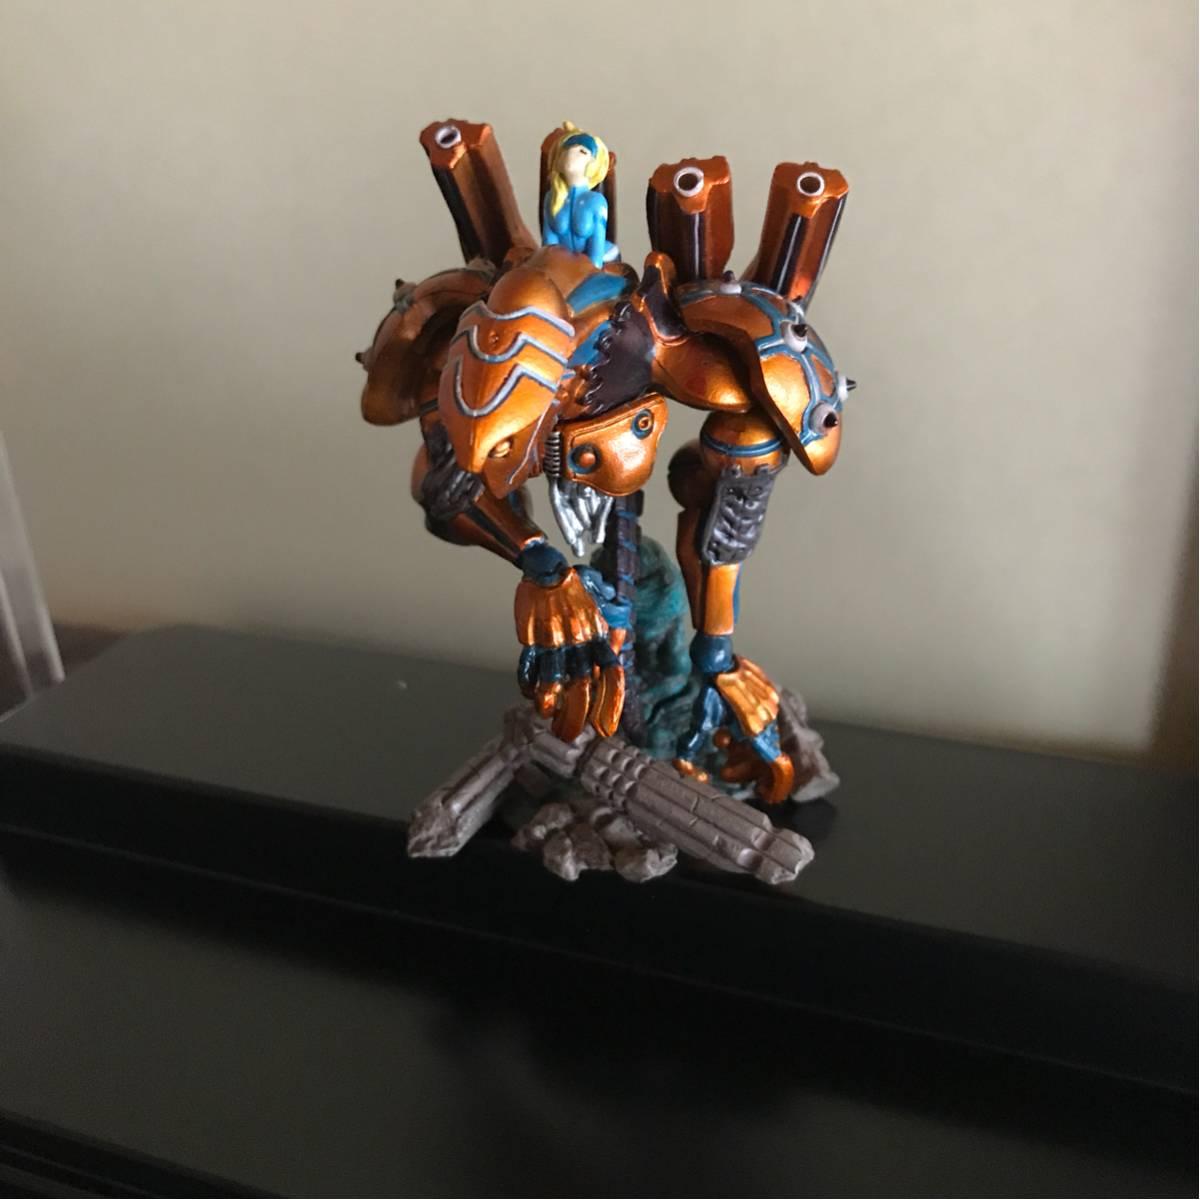 ファイナルファンタジー クリーチャーズ 「リュック」フルカラー彩色 FF シークレット 超レア プレミア グッズの画像